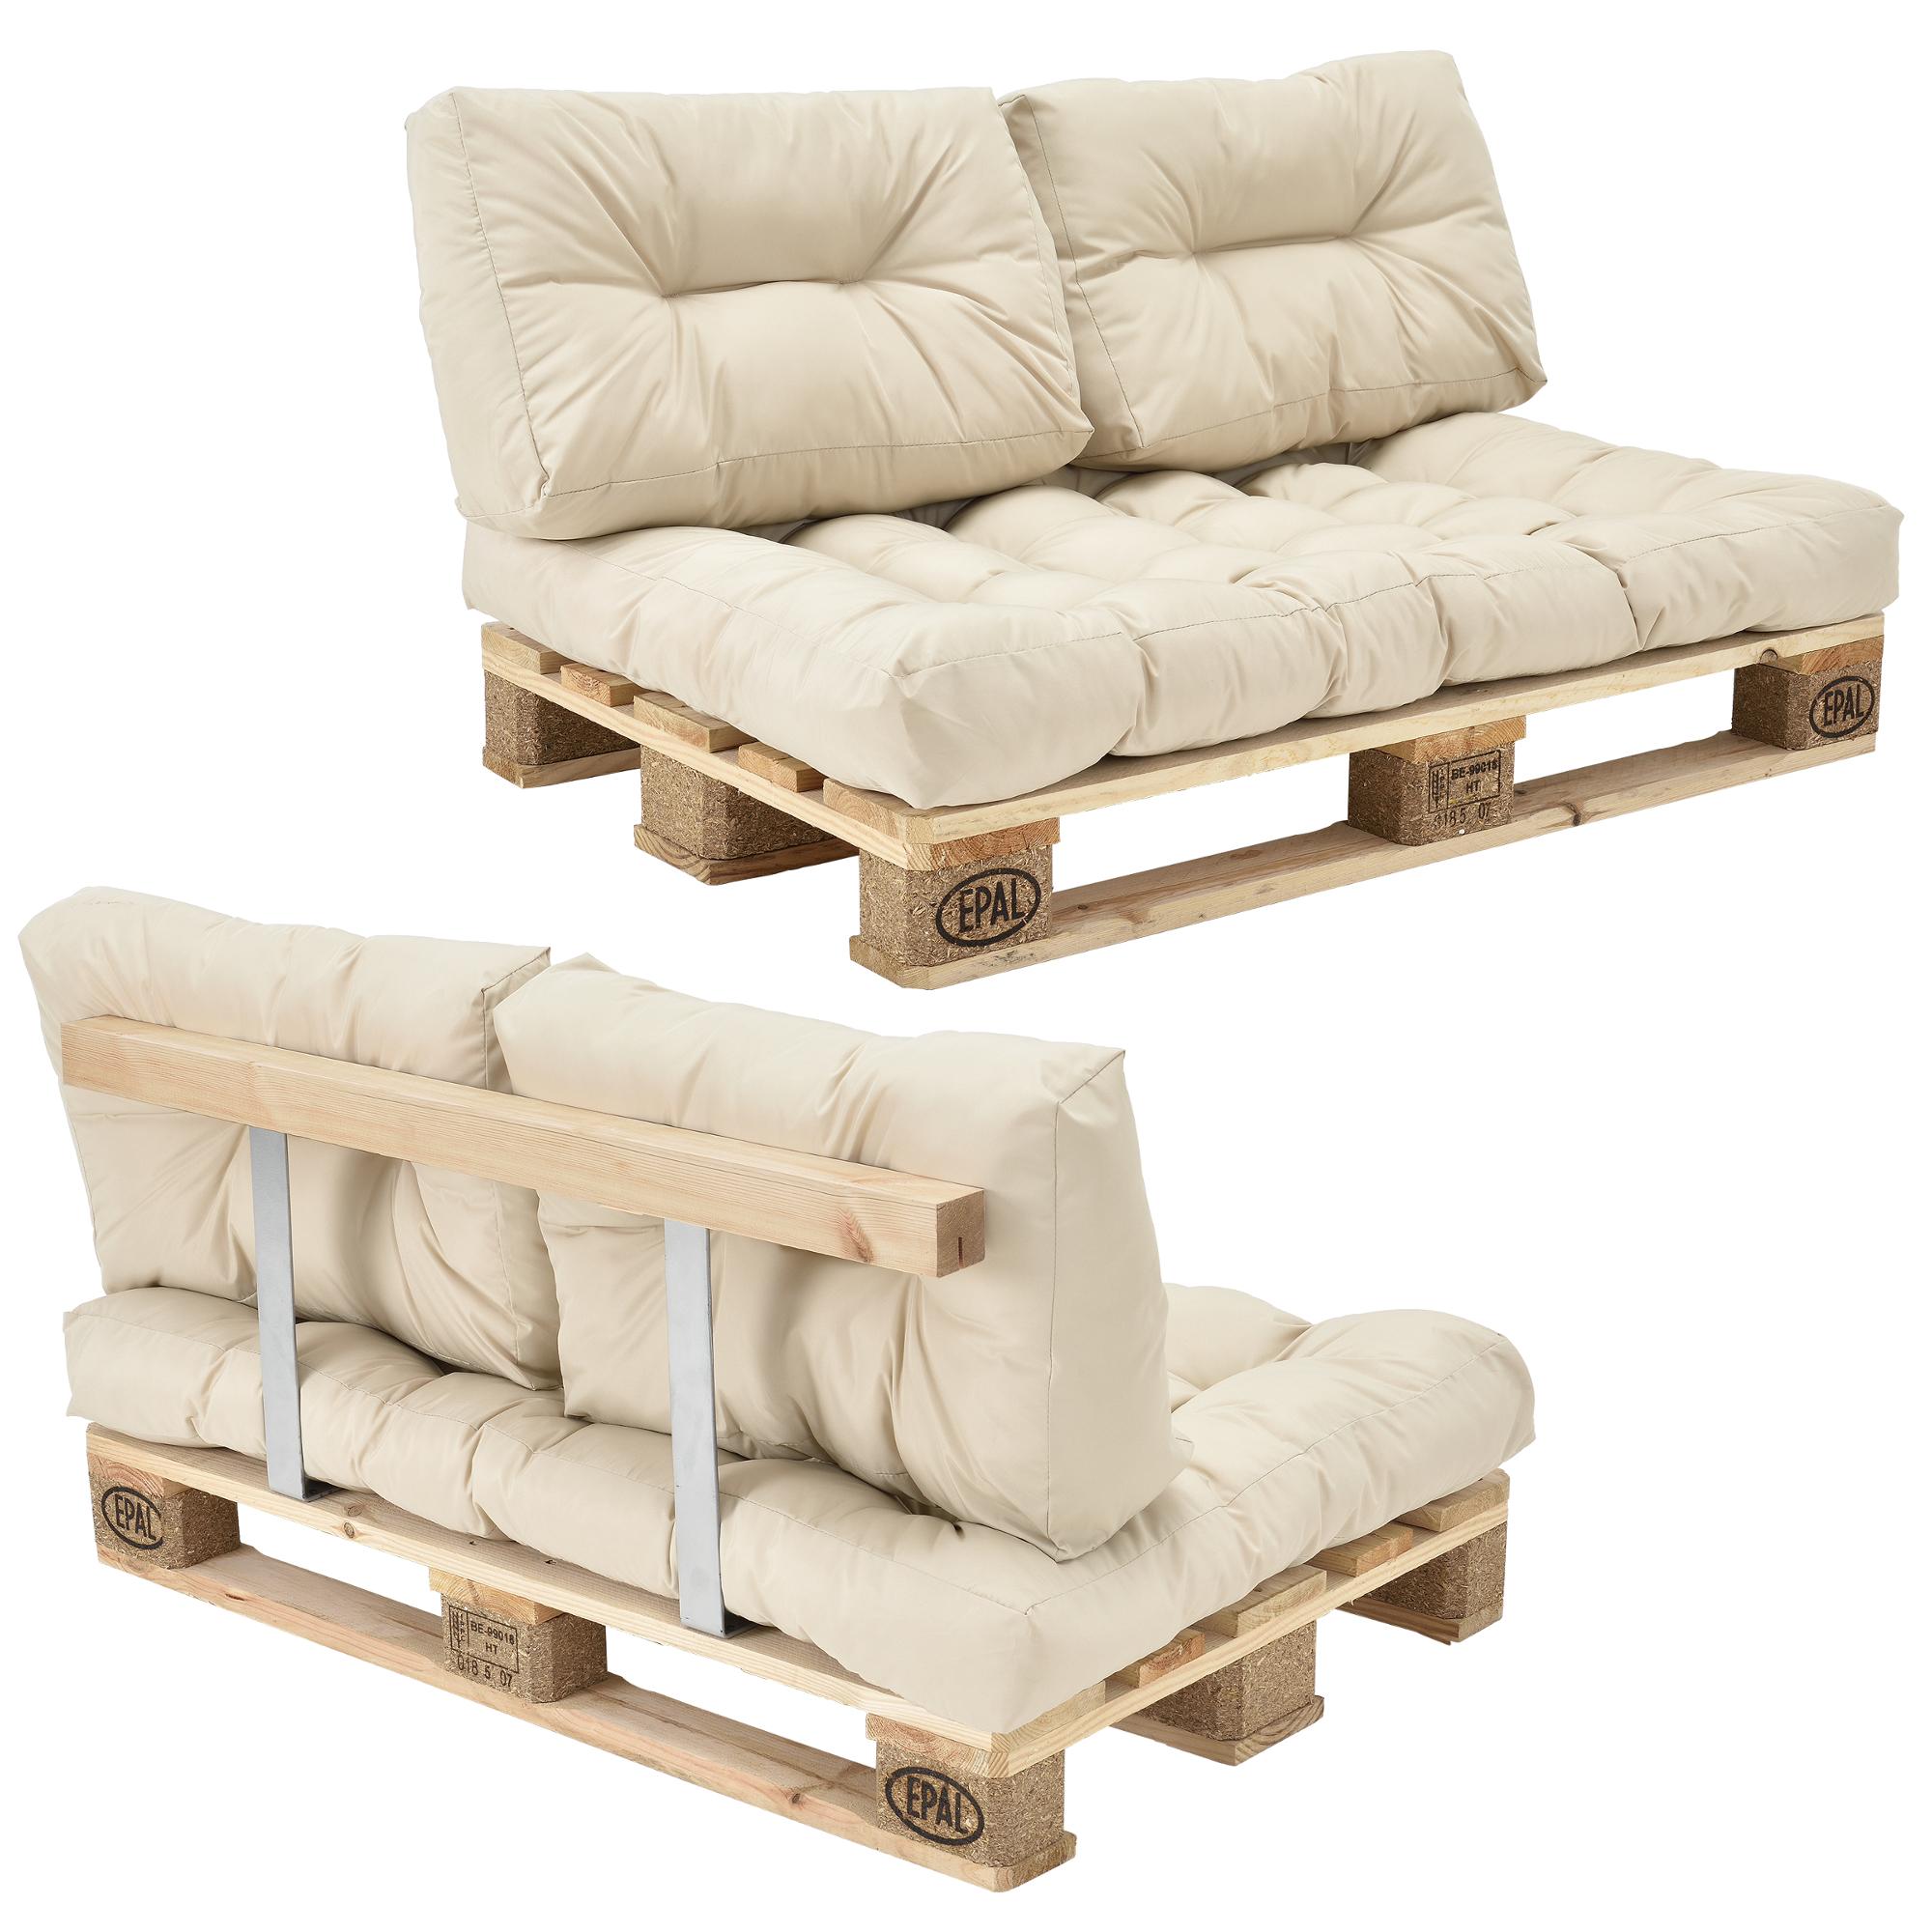 sofa_2xHTPC-0603+HTPC-0606+1pal_mit-Lehne_vorschau Luxe De Canape Palette Exterieur Concept